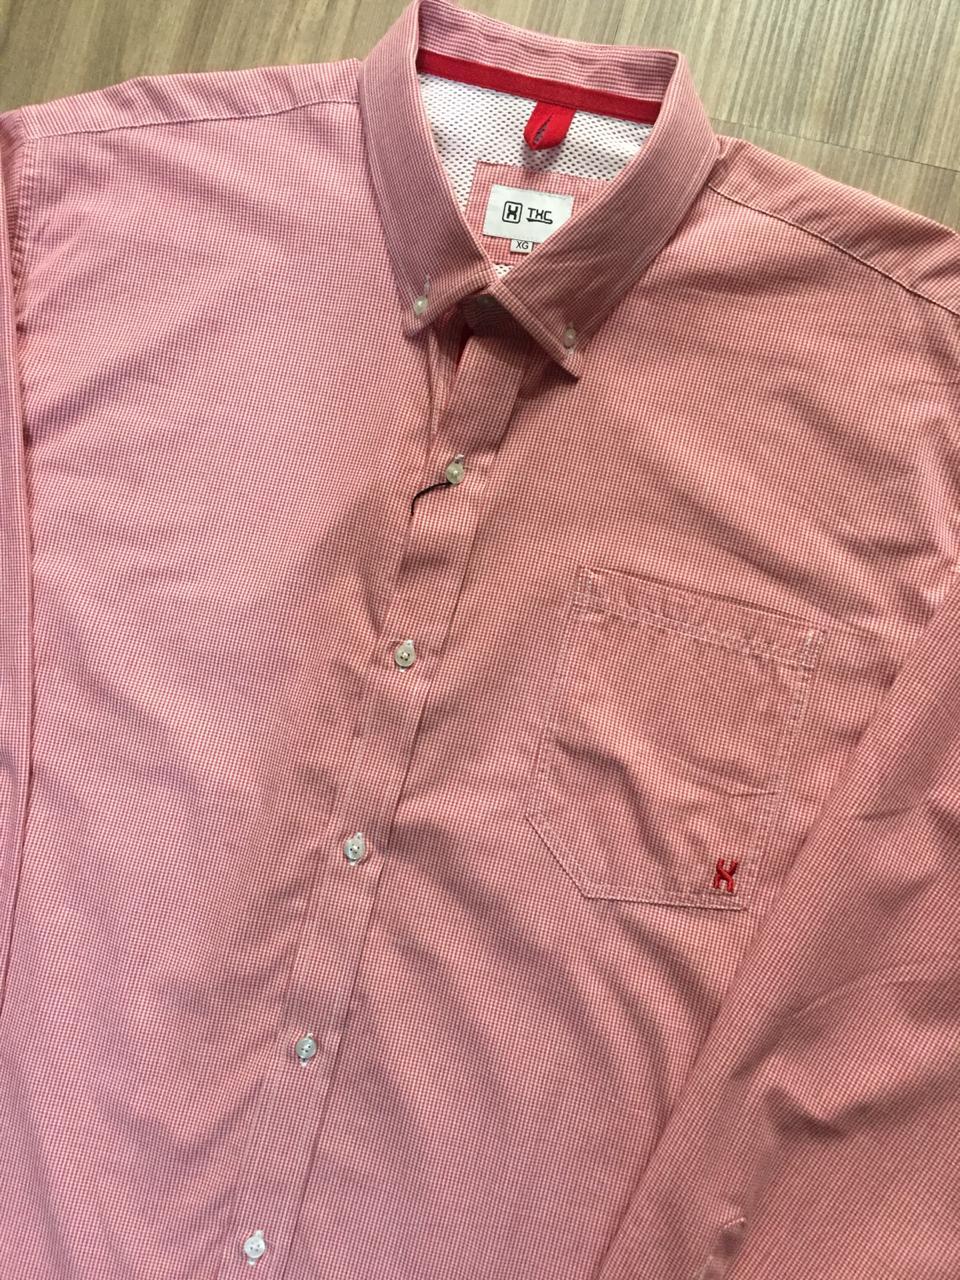 Camisa Masculina Txc Manga Longa Algodão Listrada - Vermelho